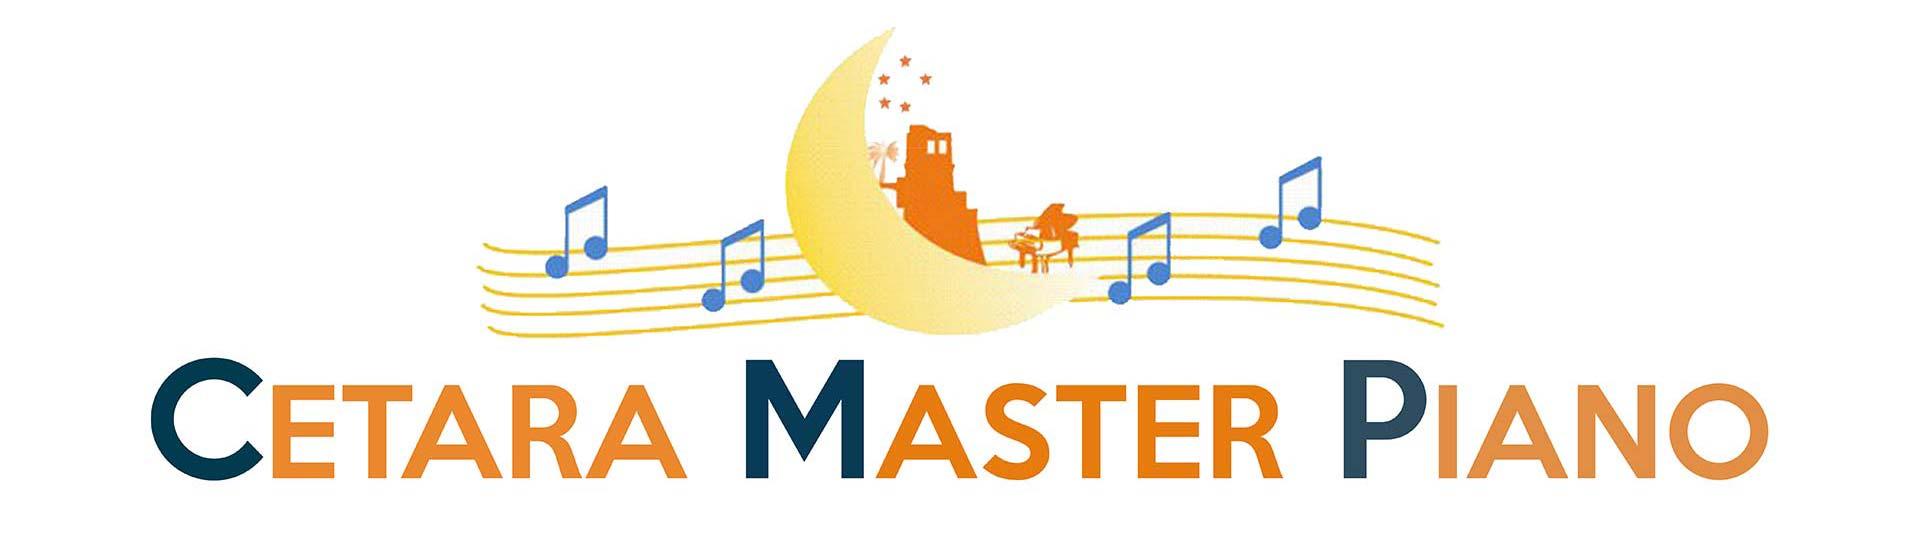 Cetara Master Piano